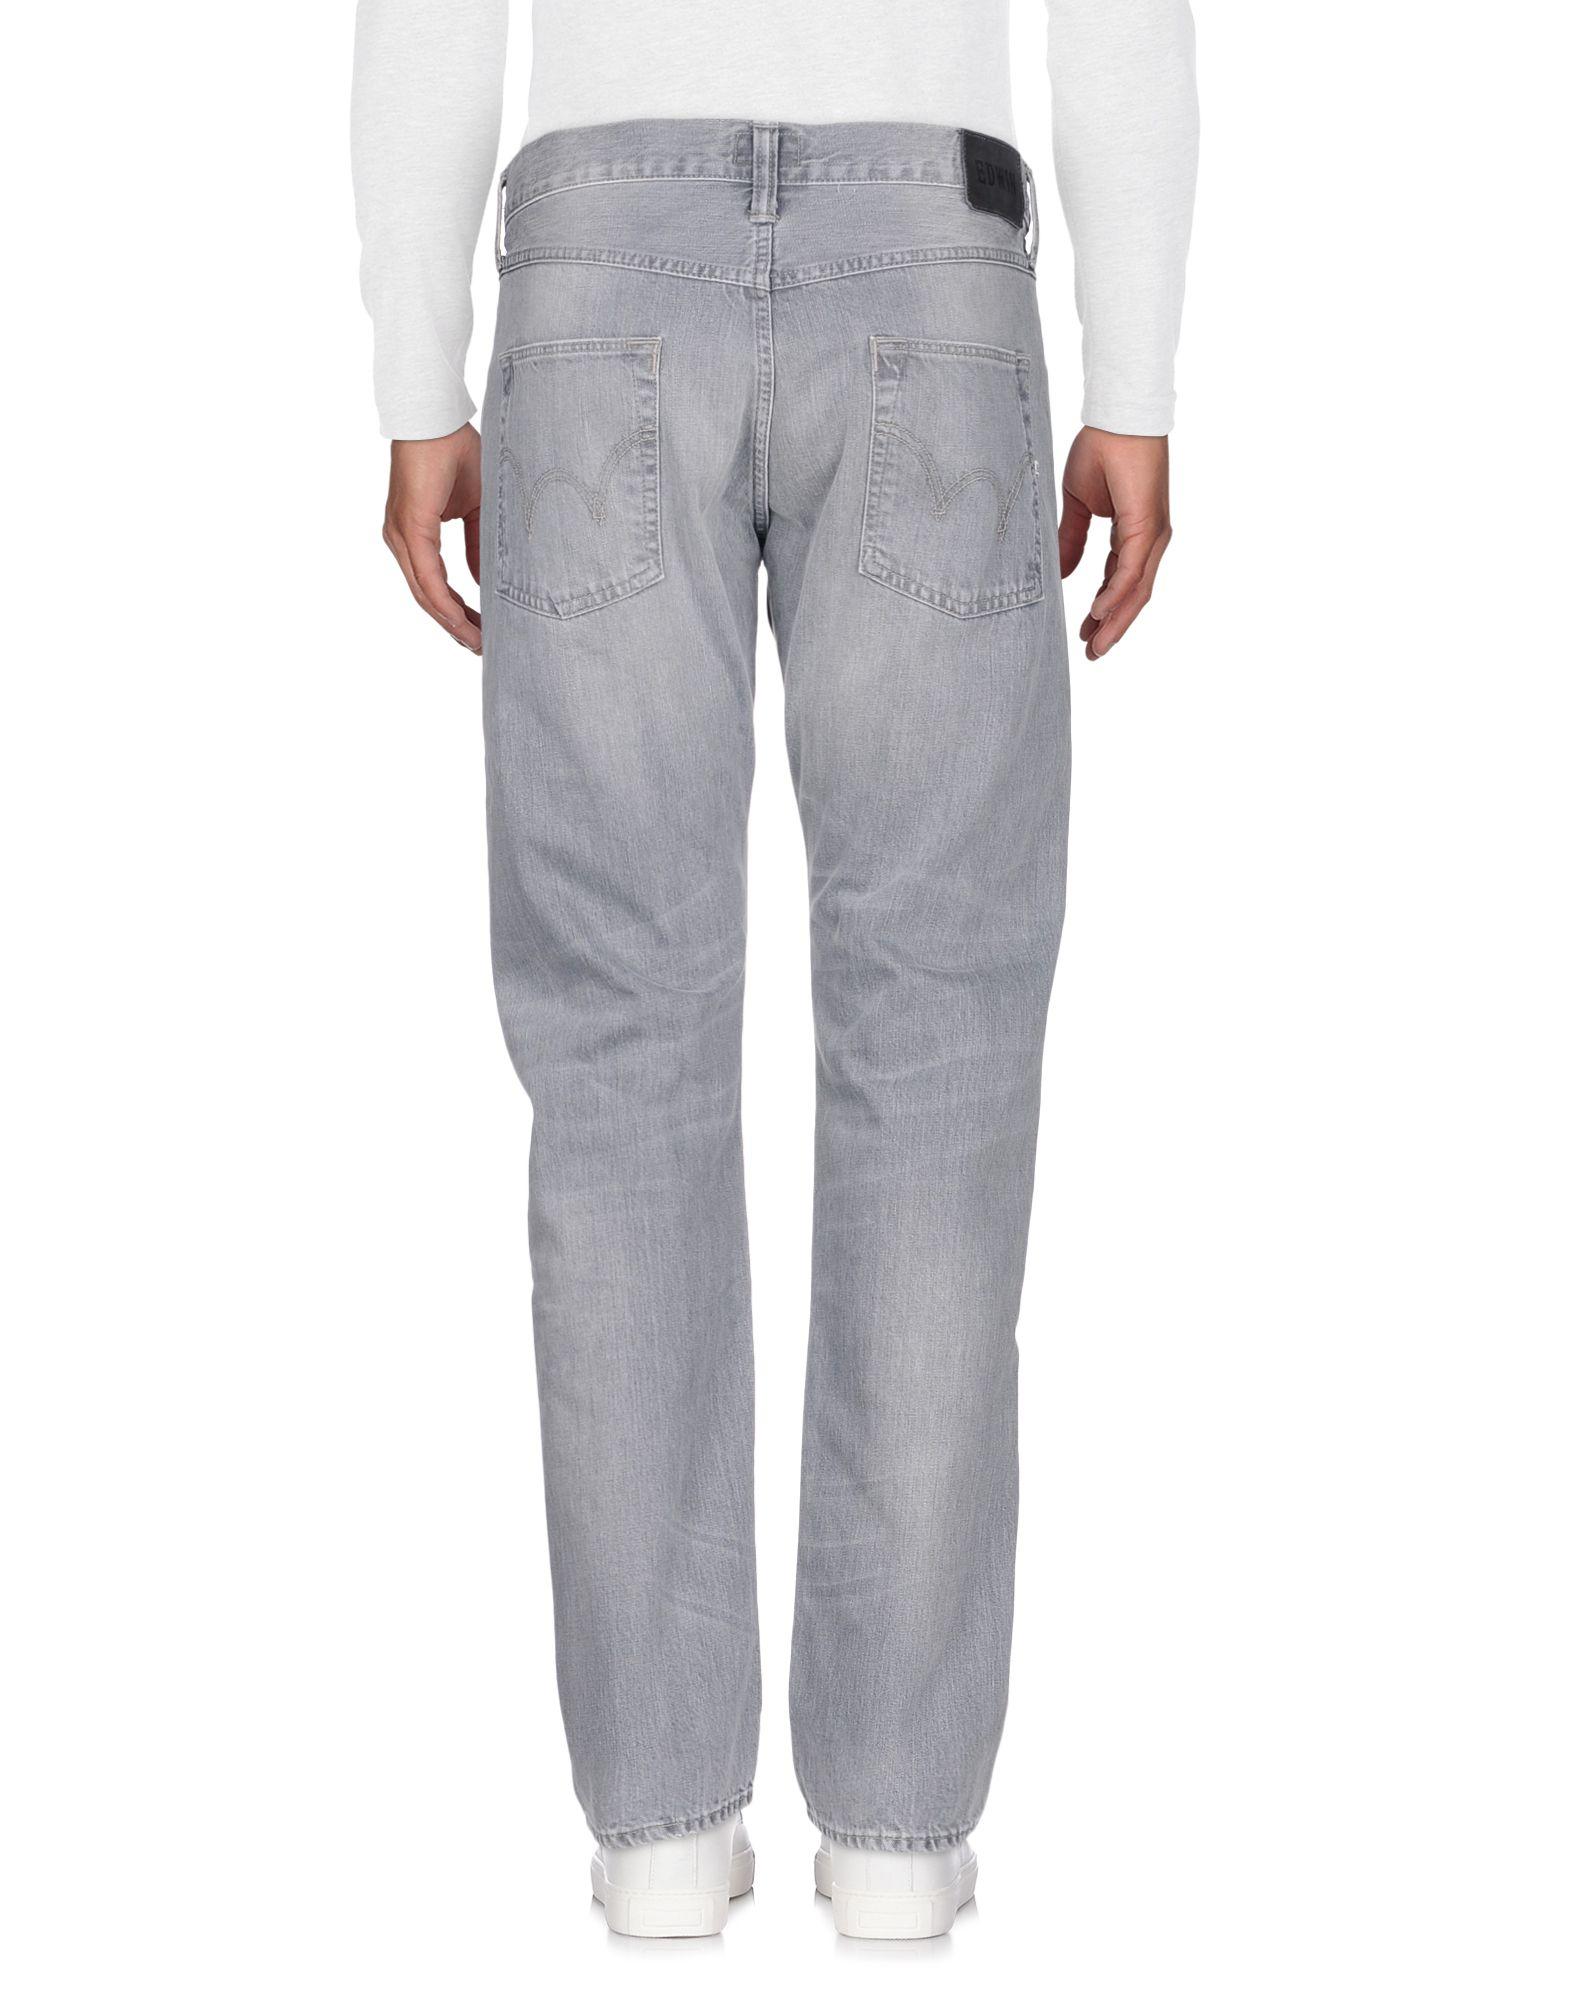 Pantaloni Jeans Edwin Uomo - 42679300II 42679300II - f47867